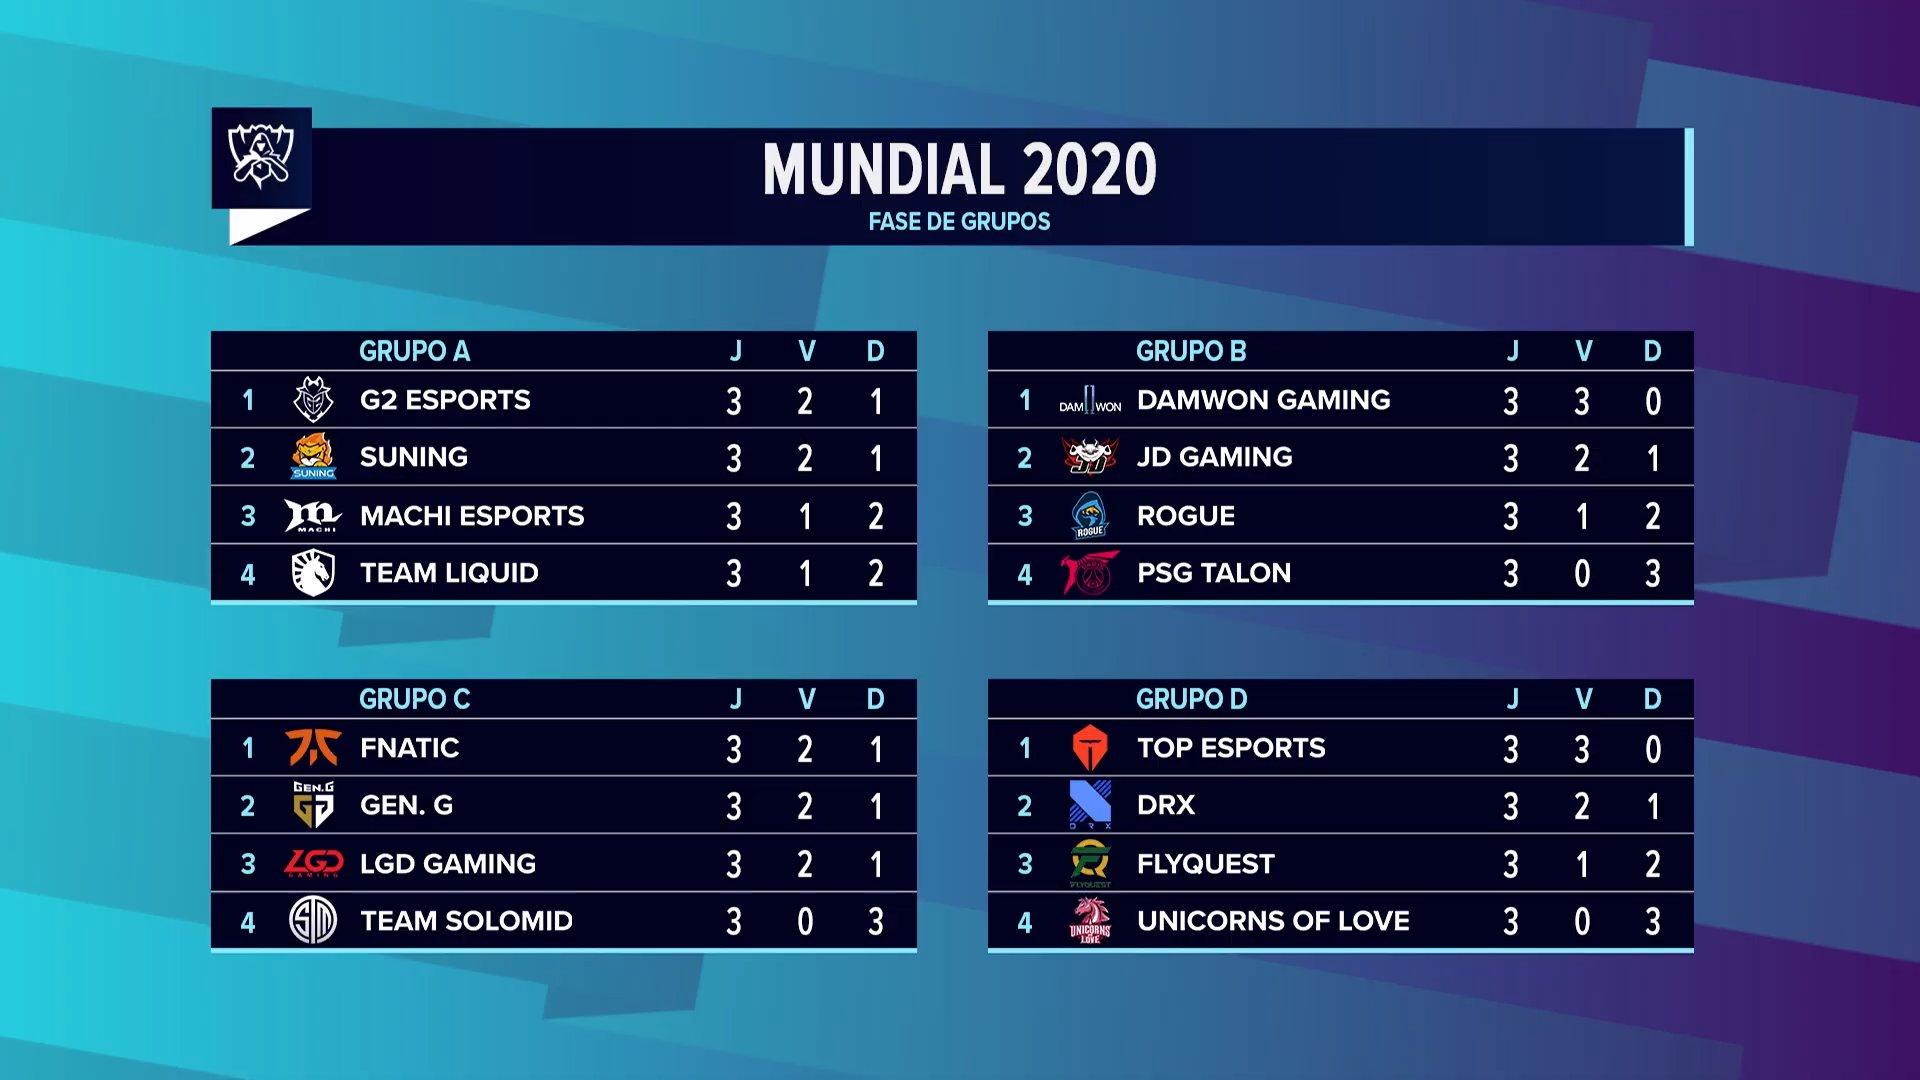 Worlds 2020 – Empate triplo entre Fnatic, Gen.G e LGD na liderança do Grupo C!